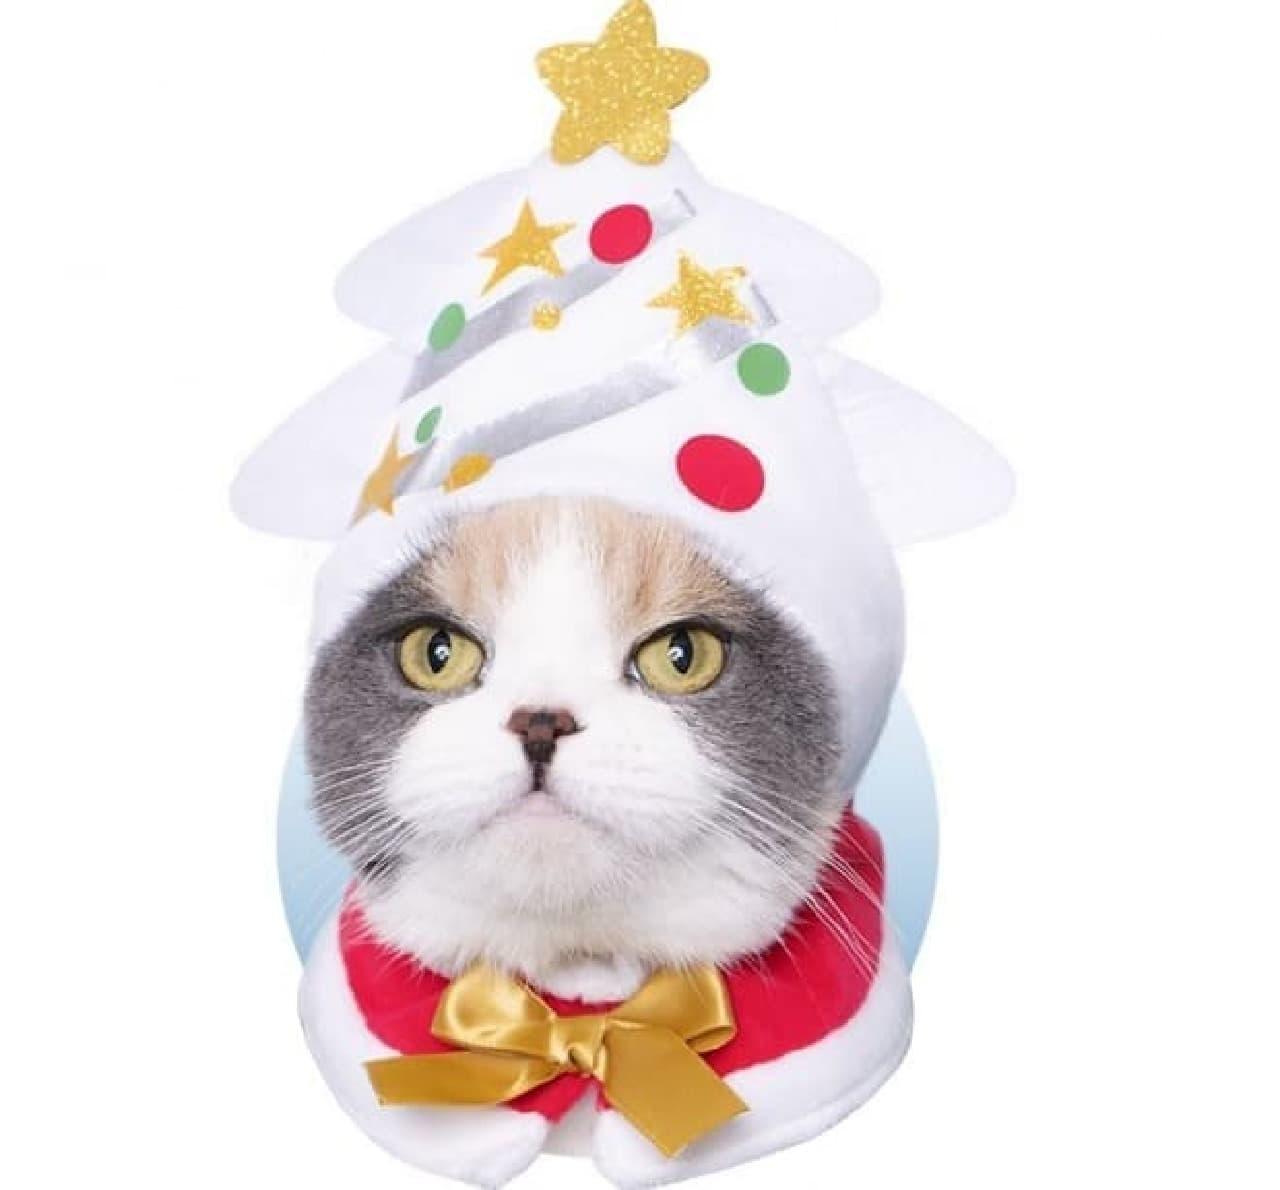 カプセルトイ「かわいい かわいい ねこクリスマス ちゃん」 「ひとりでも、メリークリスマス なのニャ」